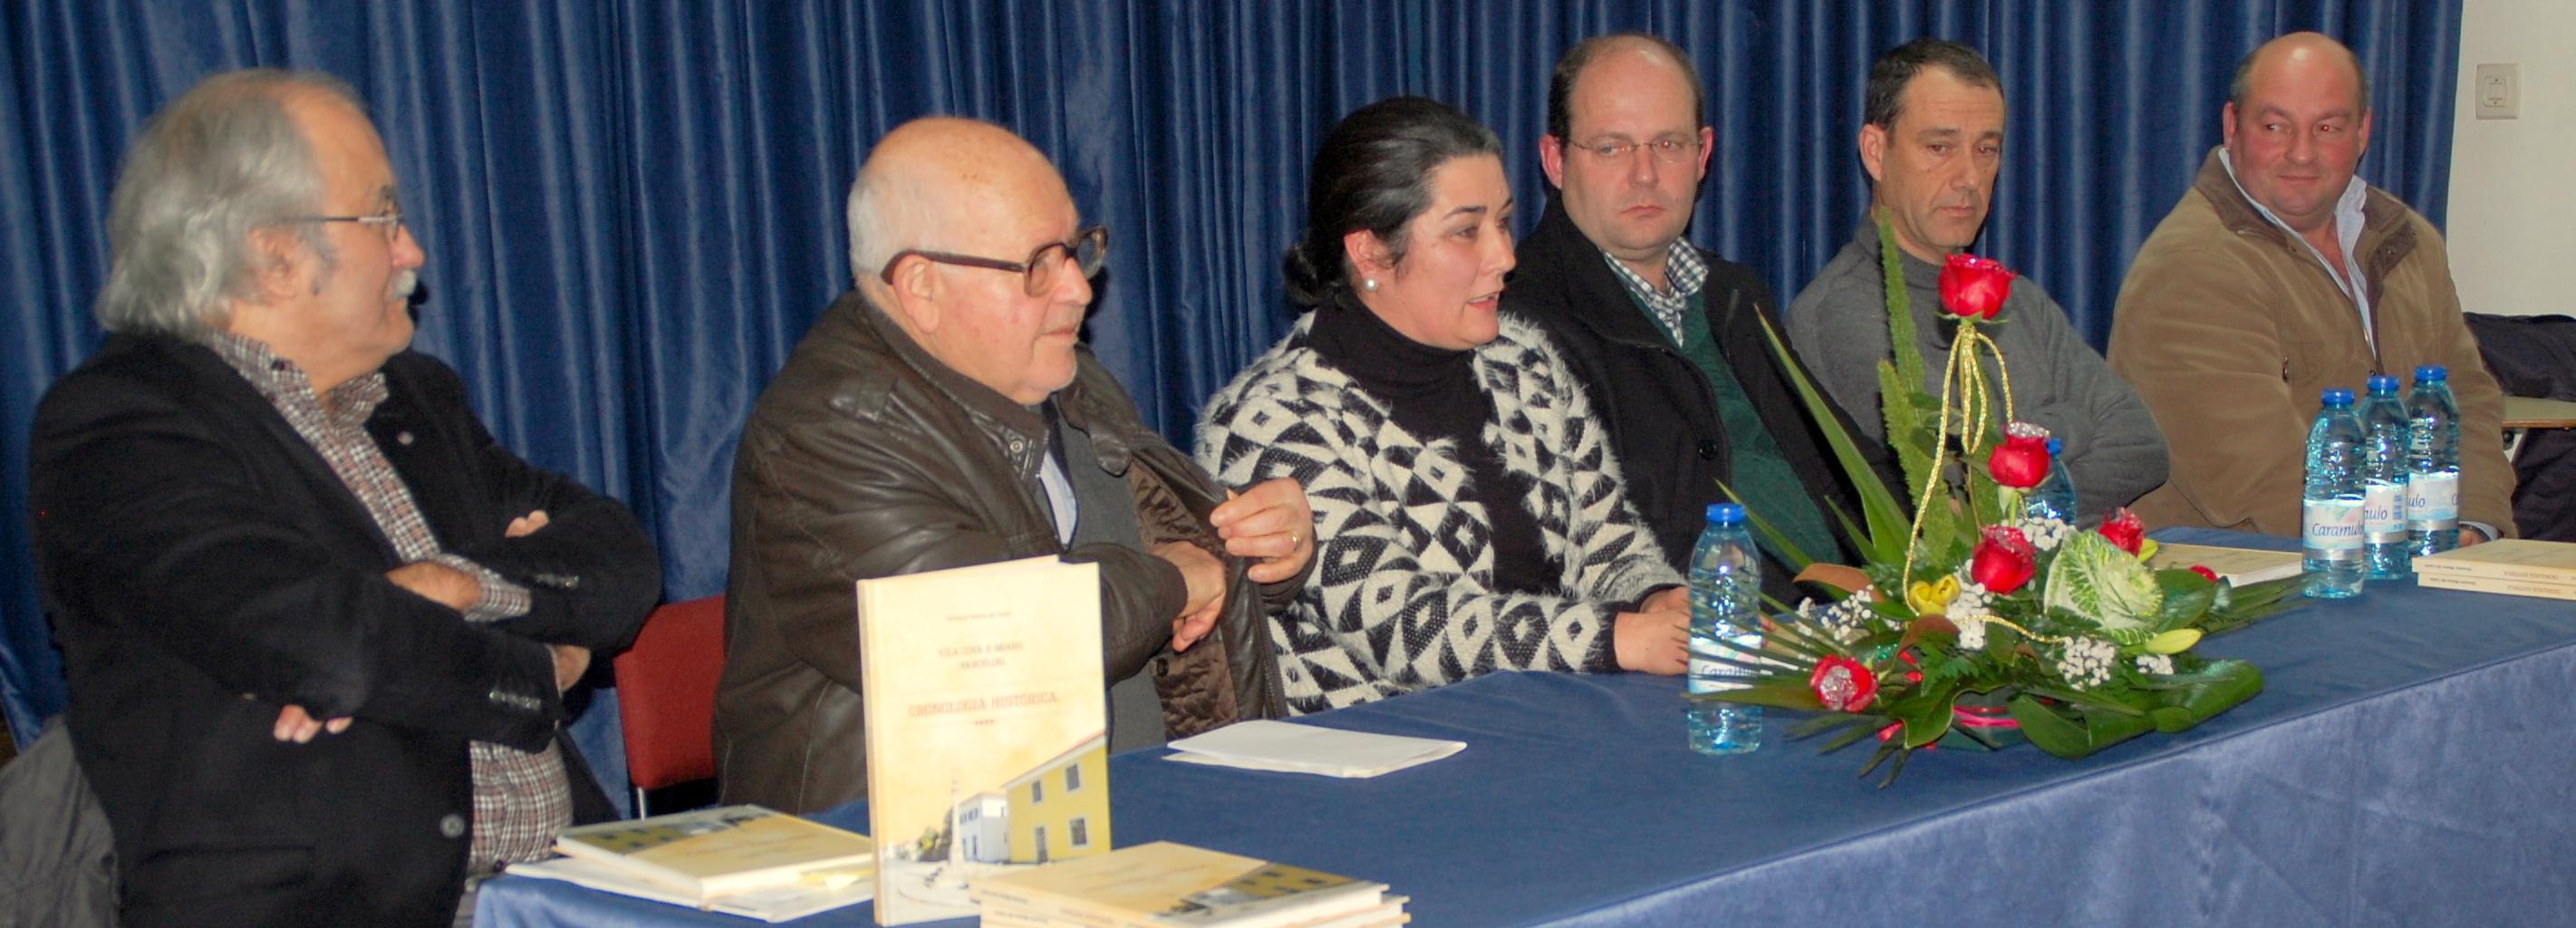 Investigação de Silvestre Costa sobre Vila Cova publicada em livro de cronologia